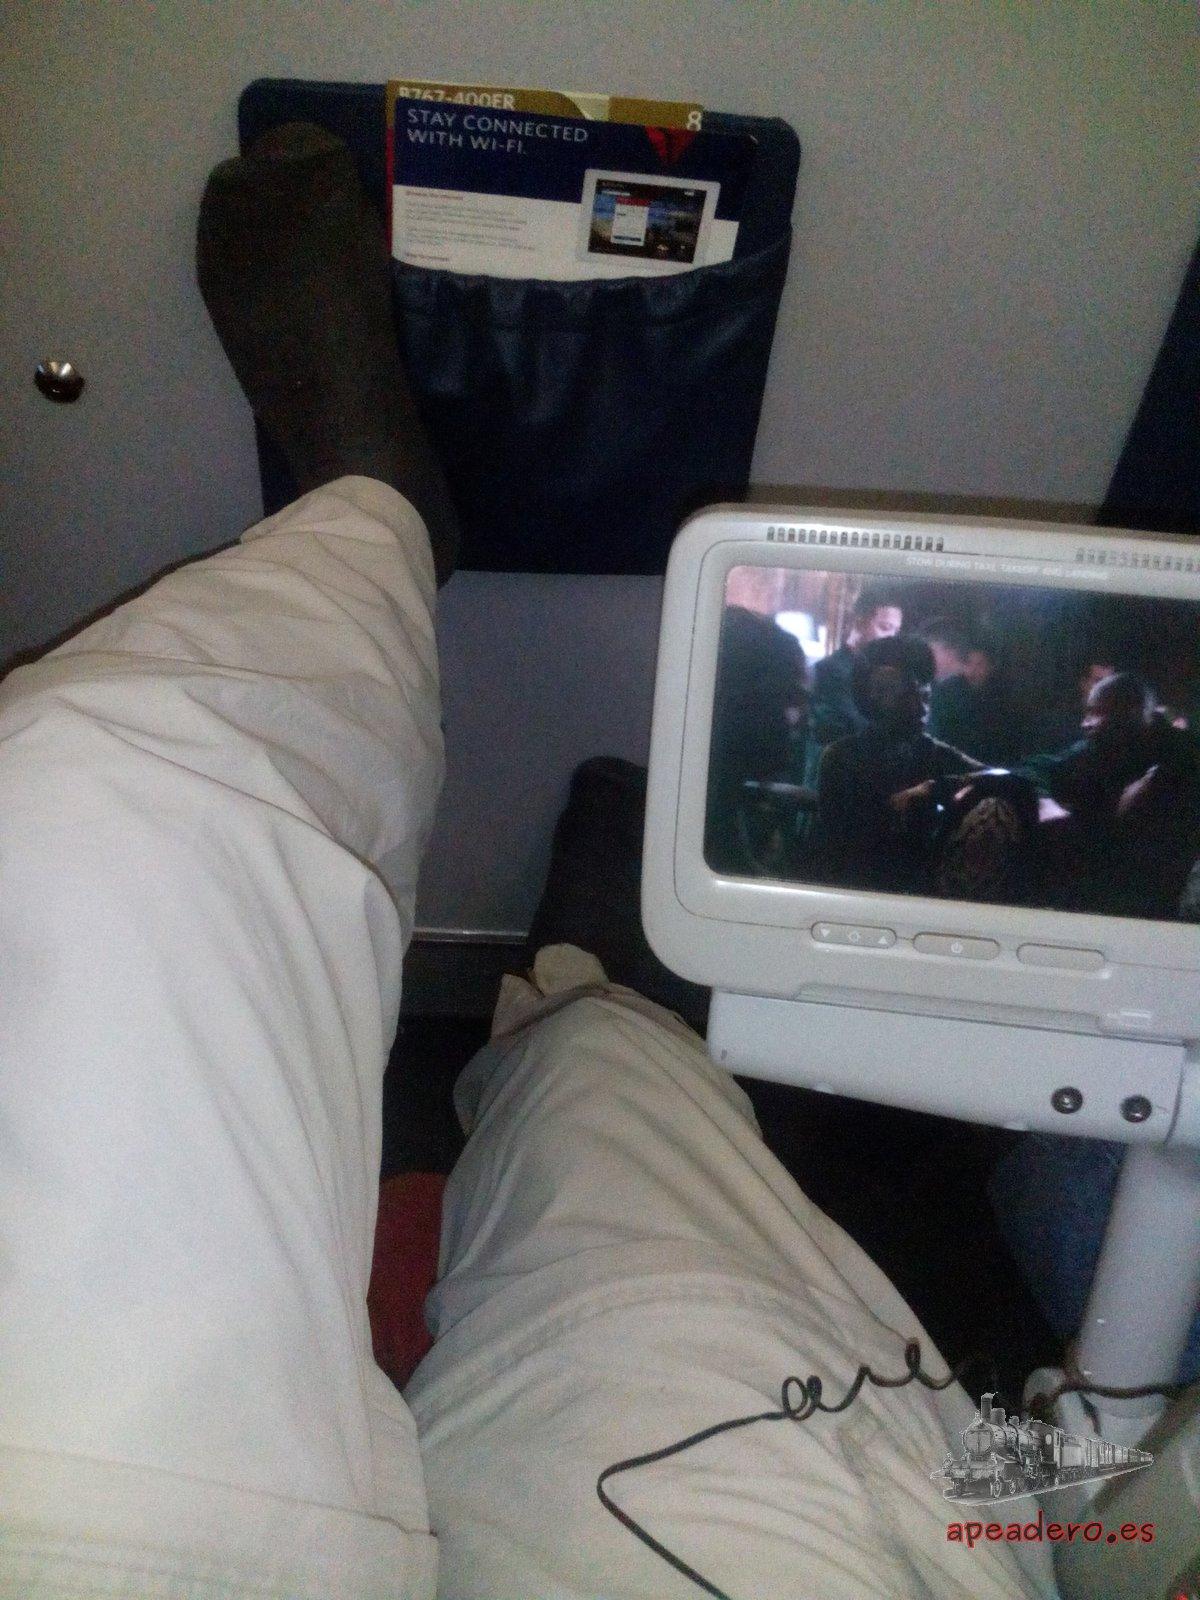 Depende del lugar del avión el asiento de emergencia es mejor o peor, pero SIEMPRE es mejor que el asiento de clase turista normal.